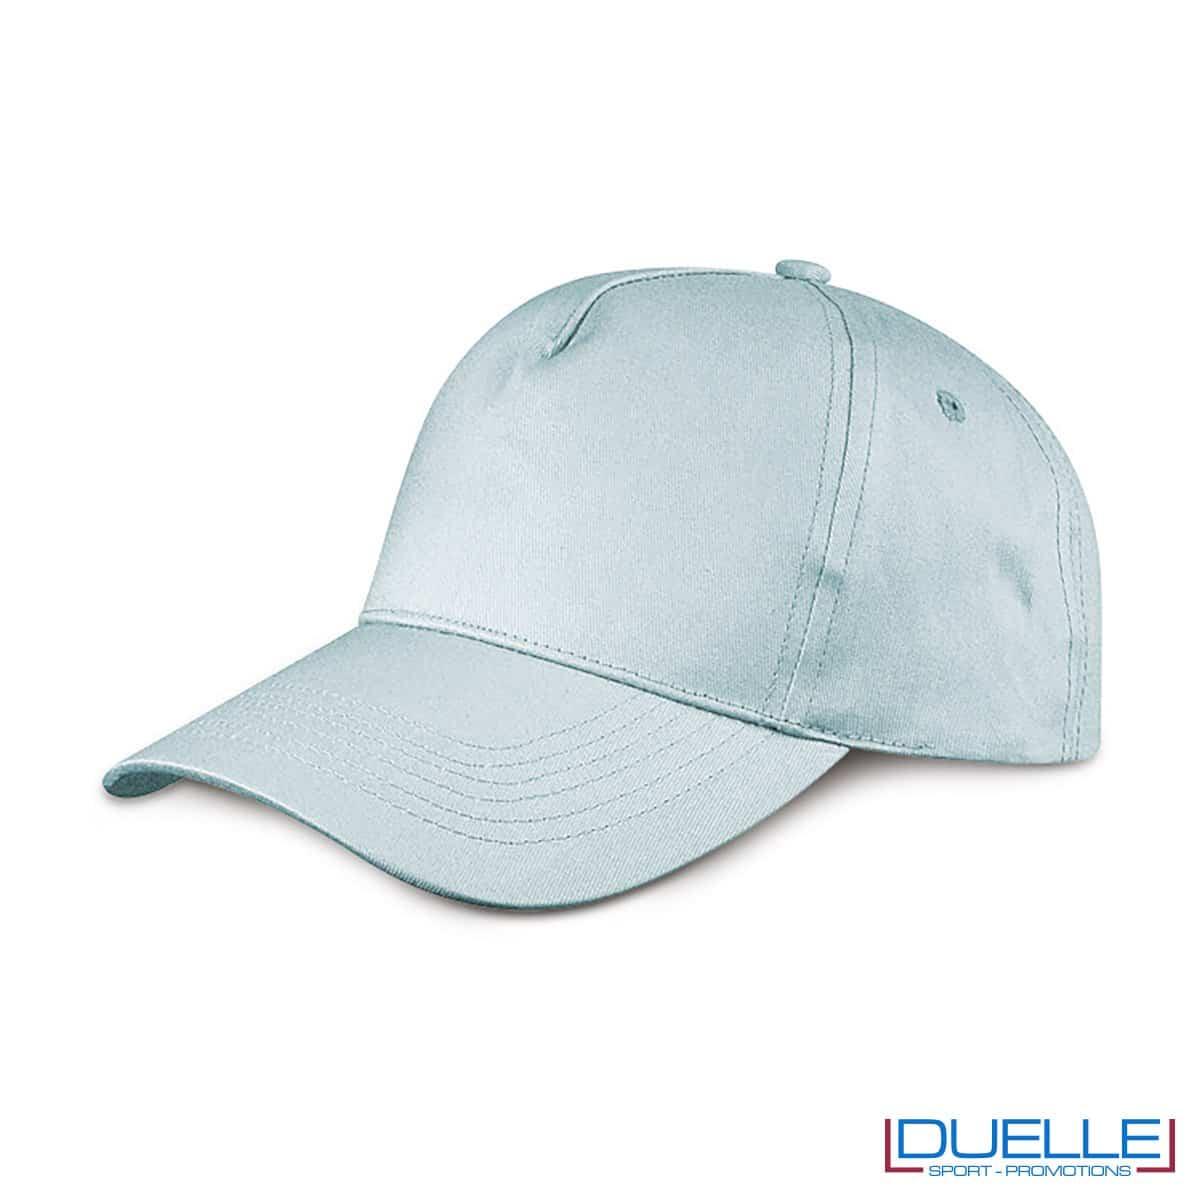 cappellino personalizzato golf a 5 pannelli colore azzurro